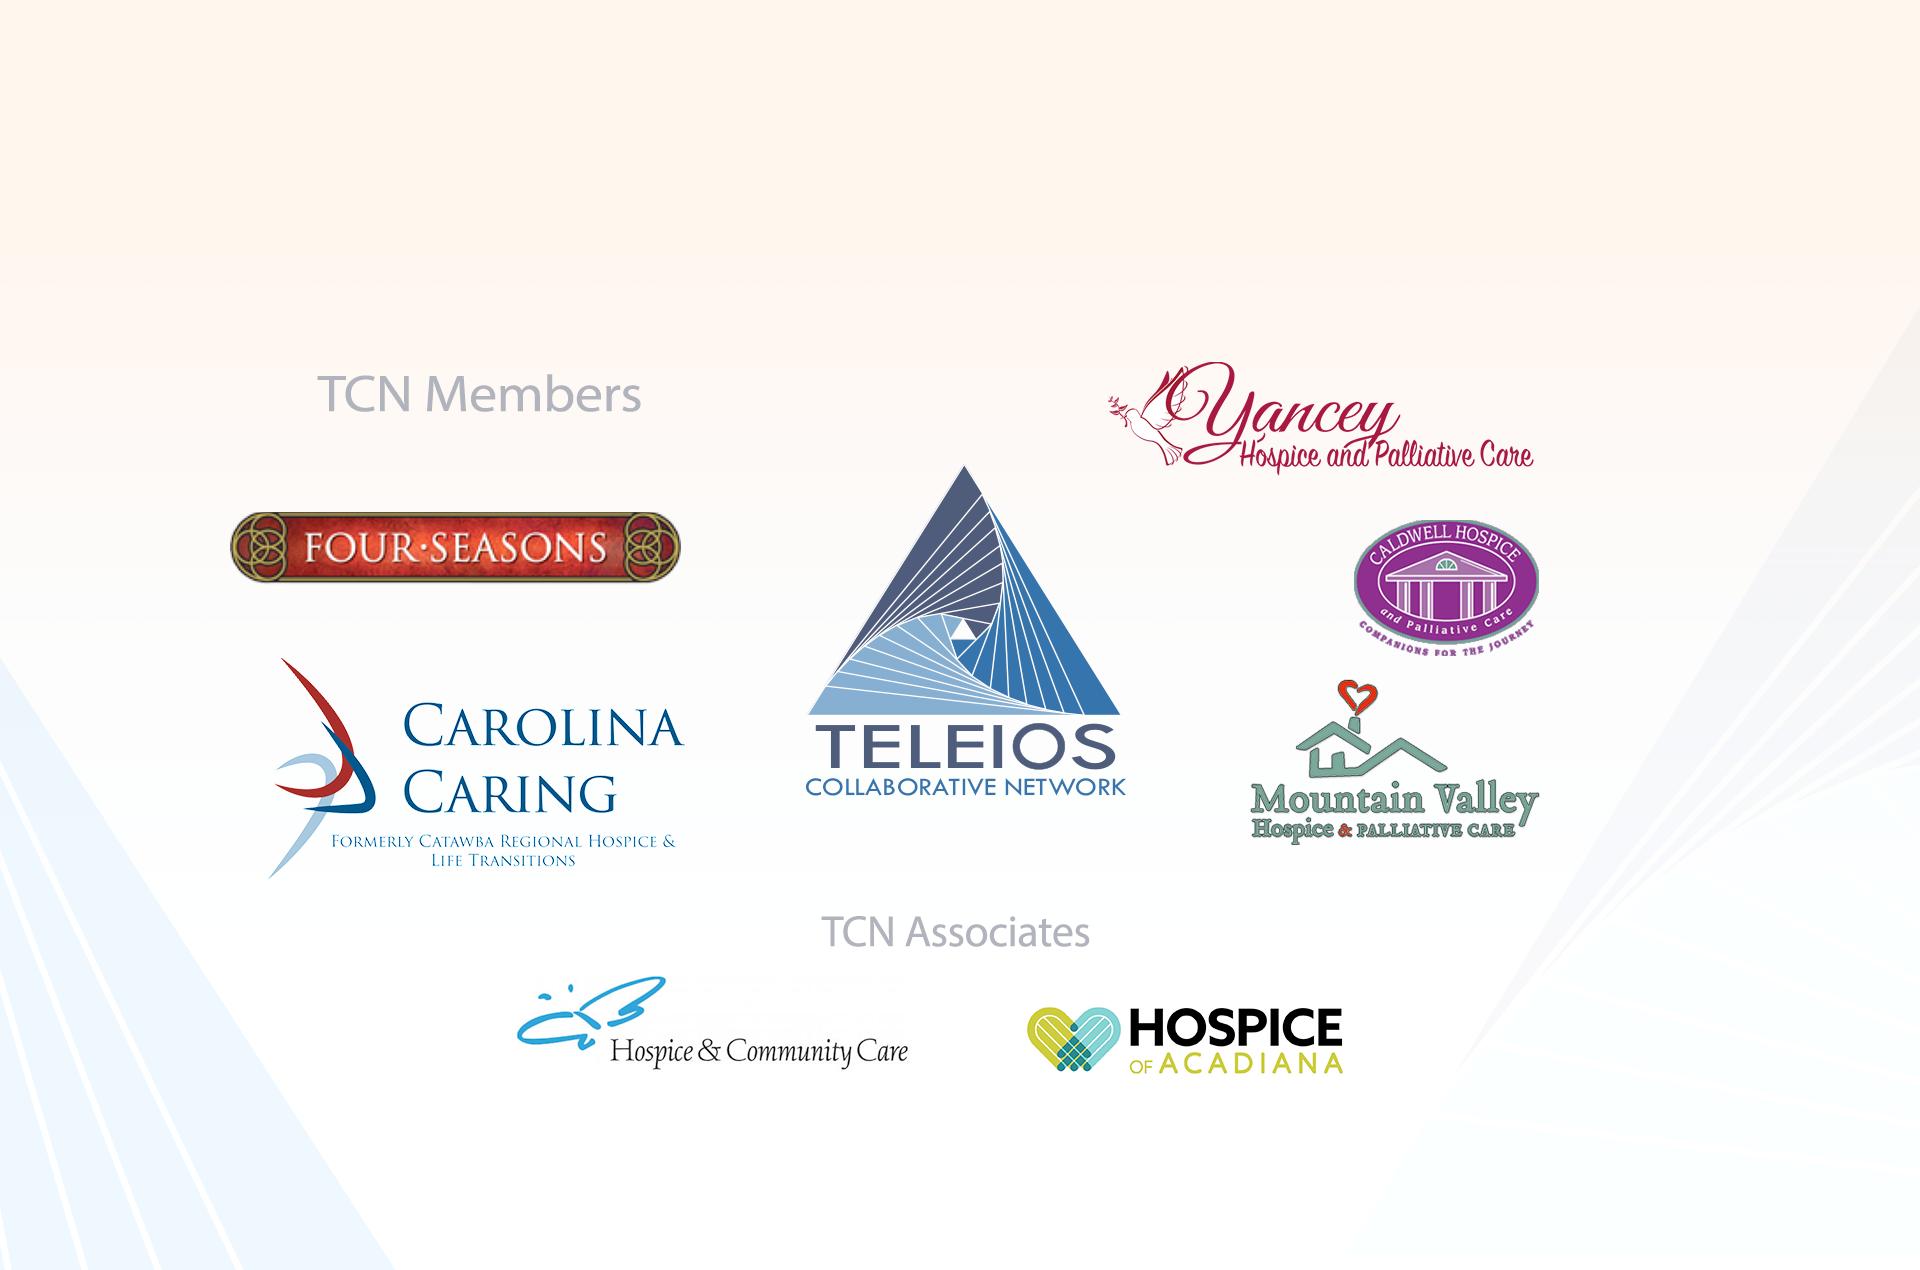 TCN Members & Associates